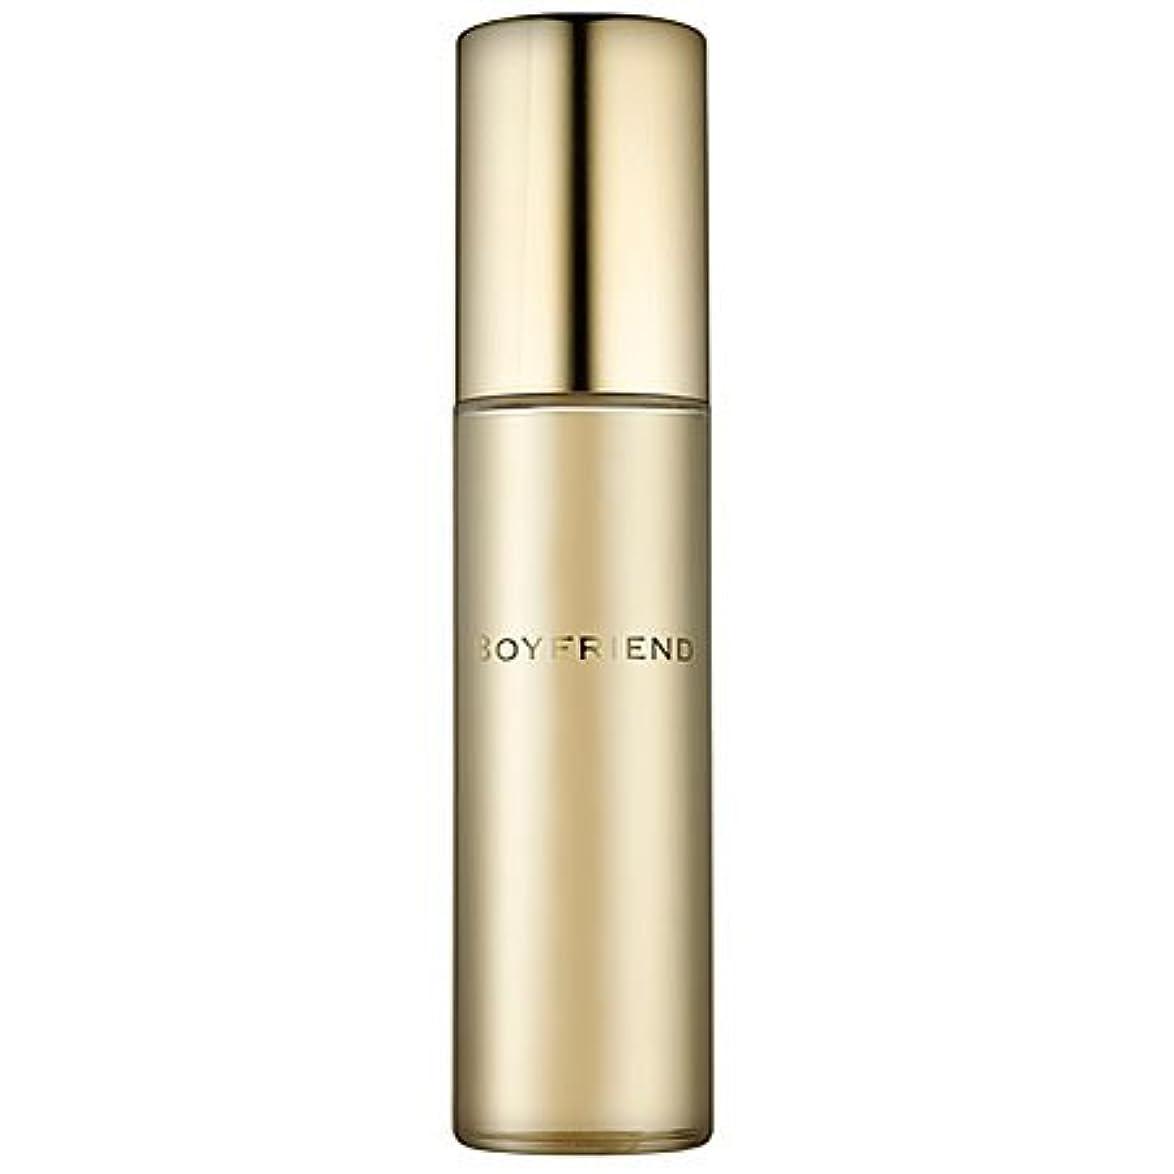 検閲絞る過ちBoyfriend (ボーイフレンド) 3.38 oz (100ml) Dry Body Oil Spray by Kate Walsh for Women